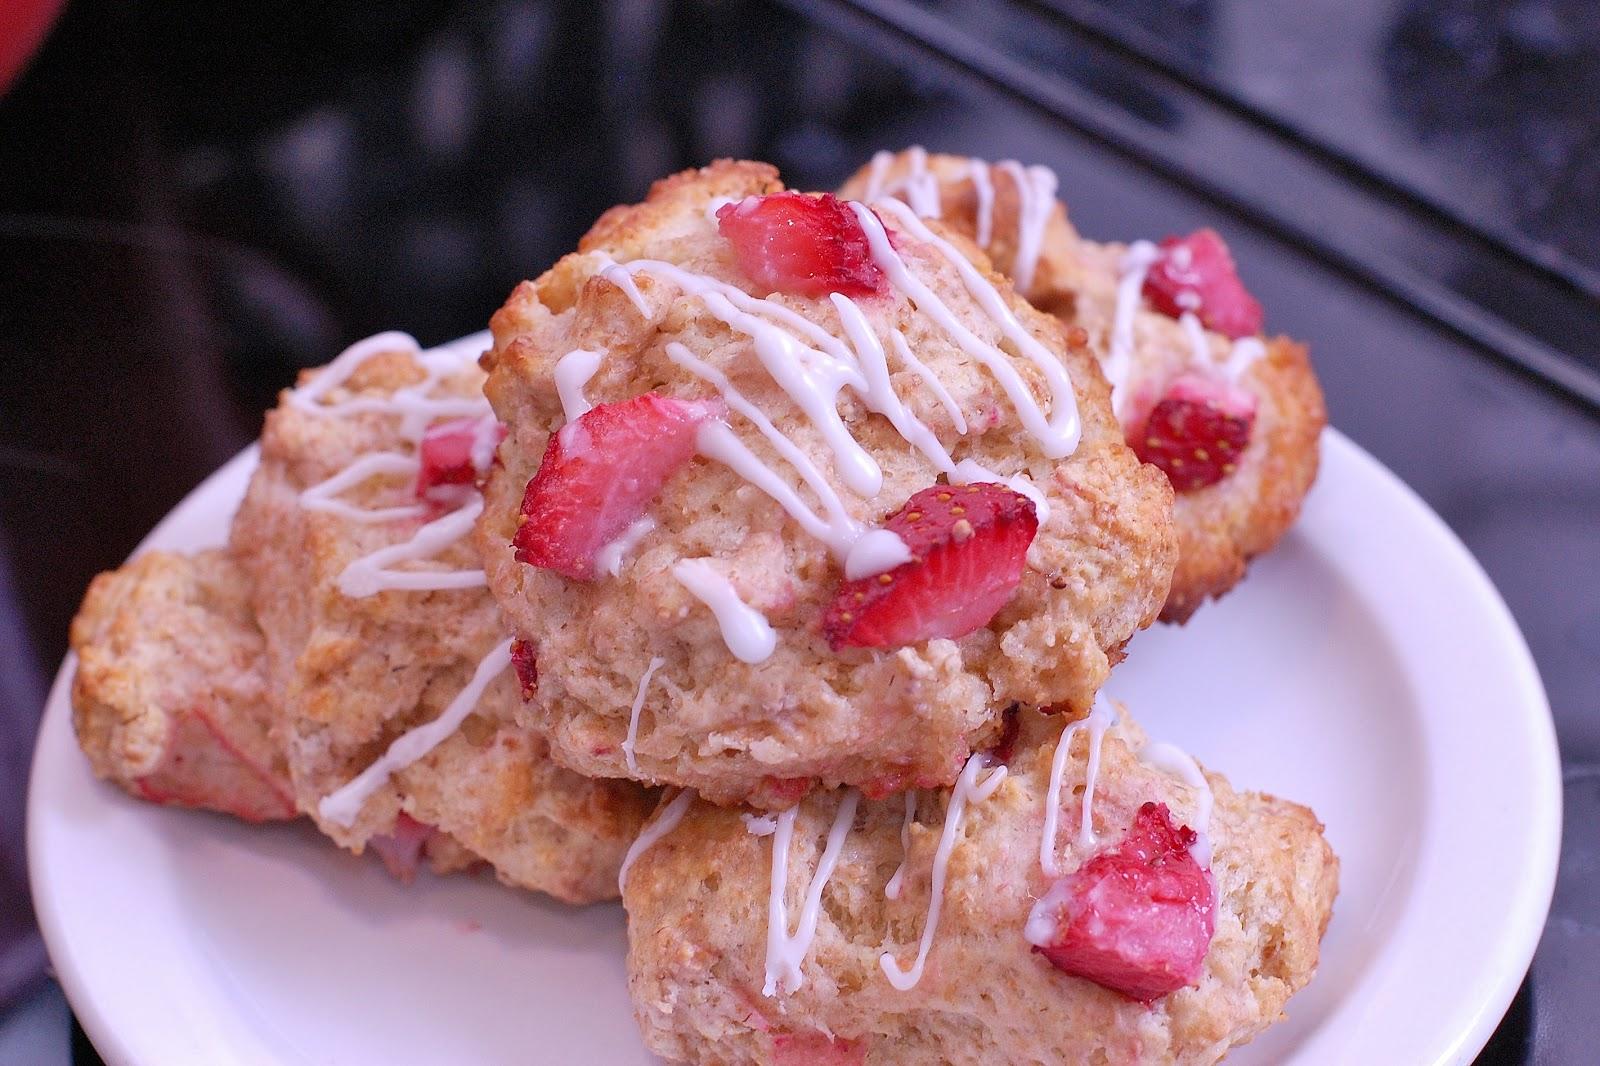 In Michelle's Kitchen: Fresh Strawberry Scones